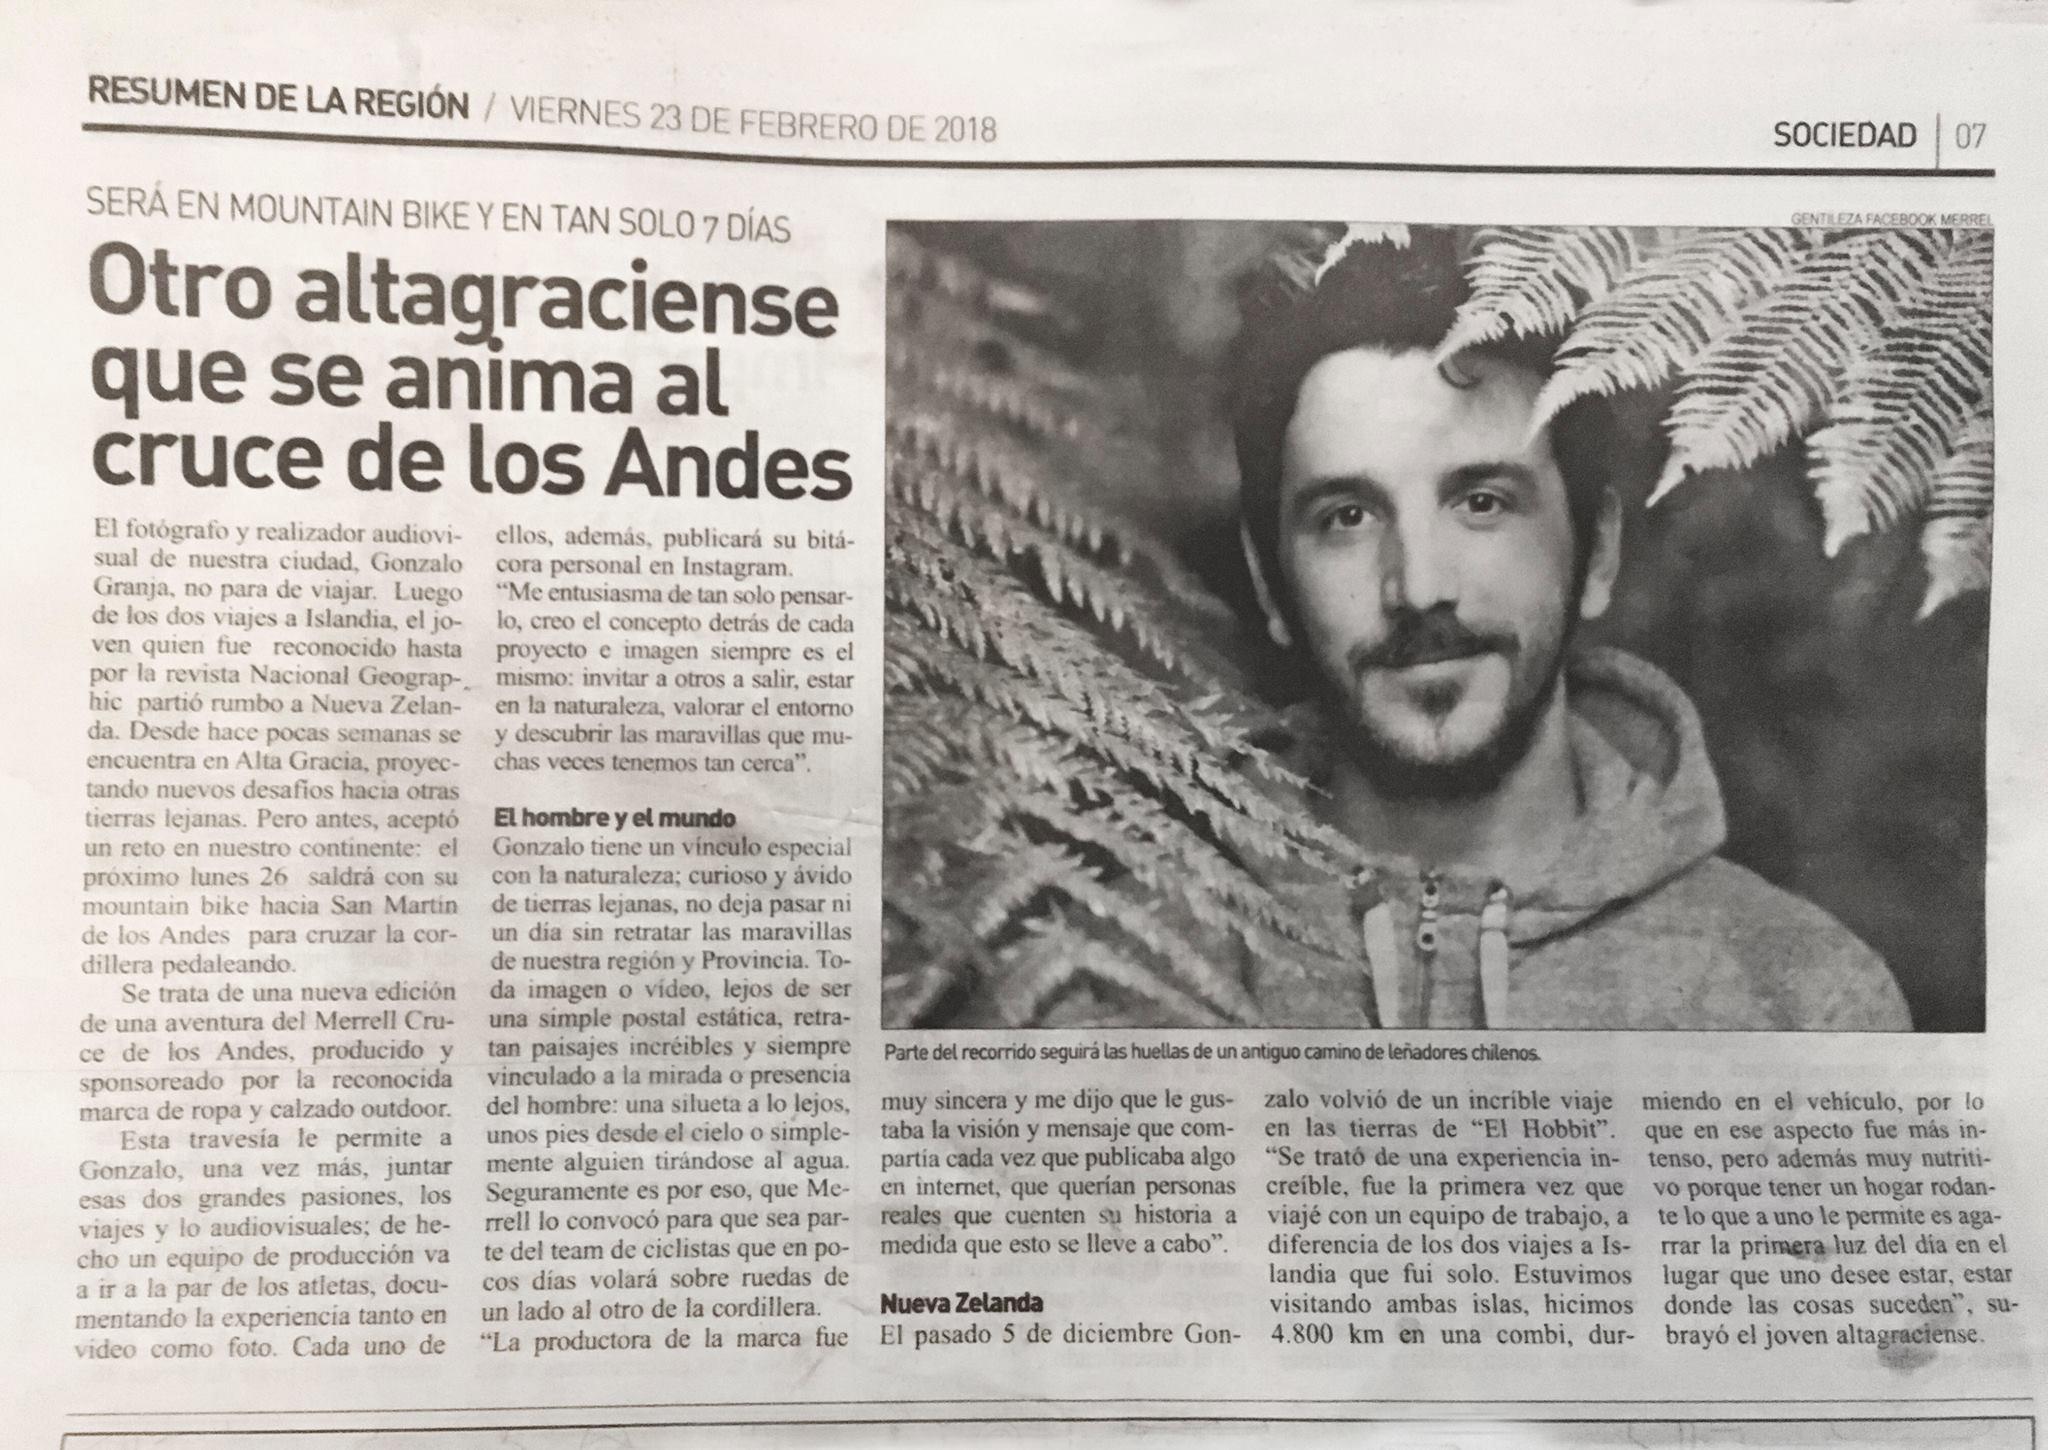 Nota por el Cruce de los Andes en Bicicleta - DIARIO RESUMEN DE LA REGIÓN